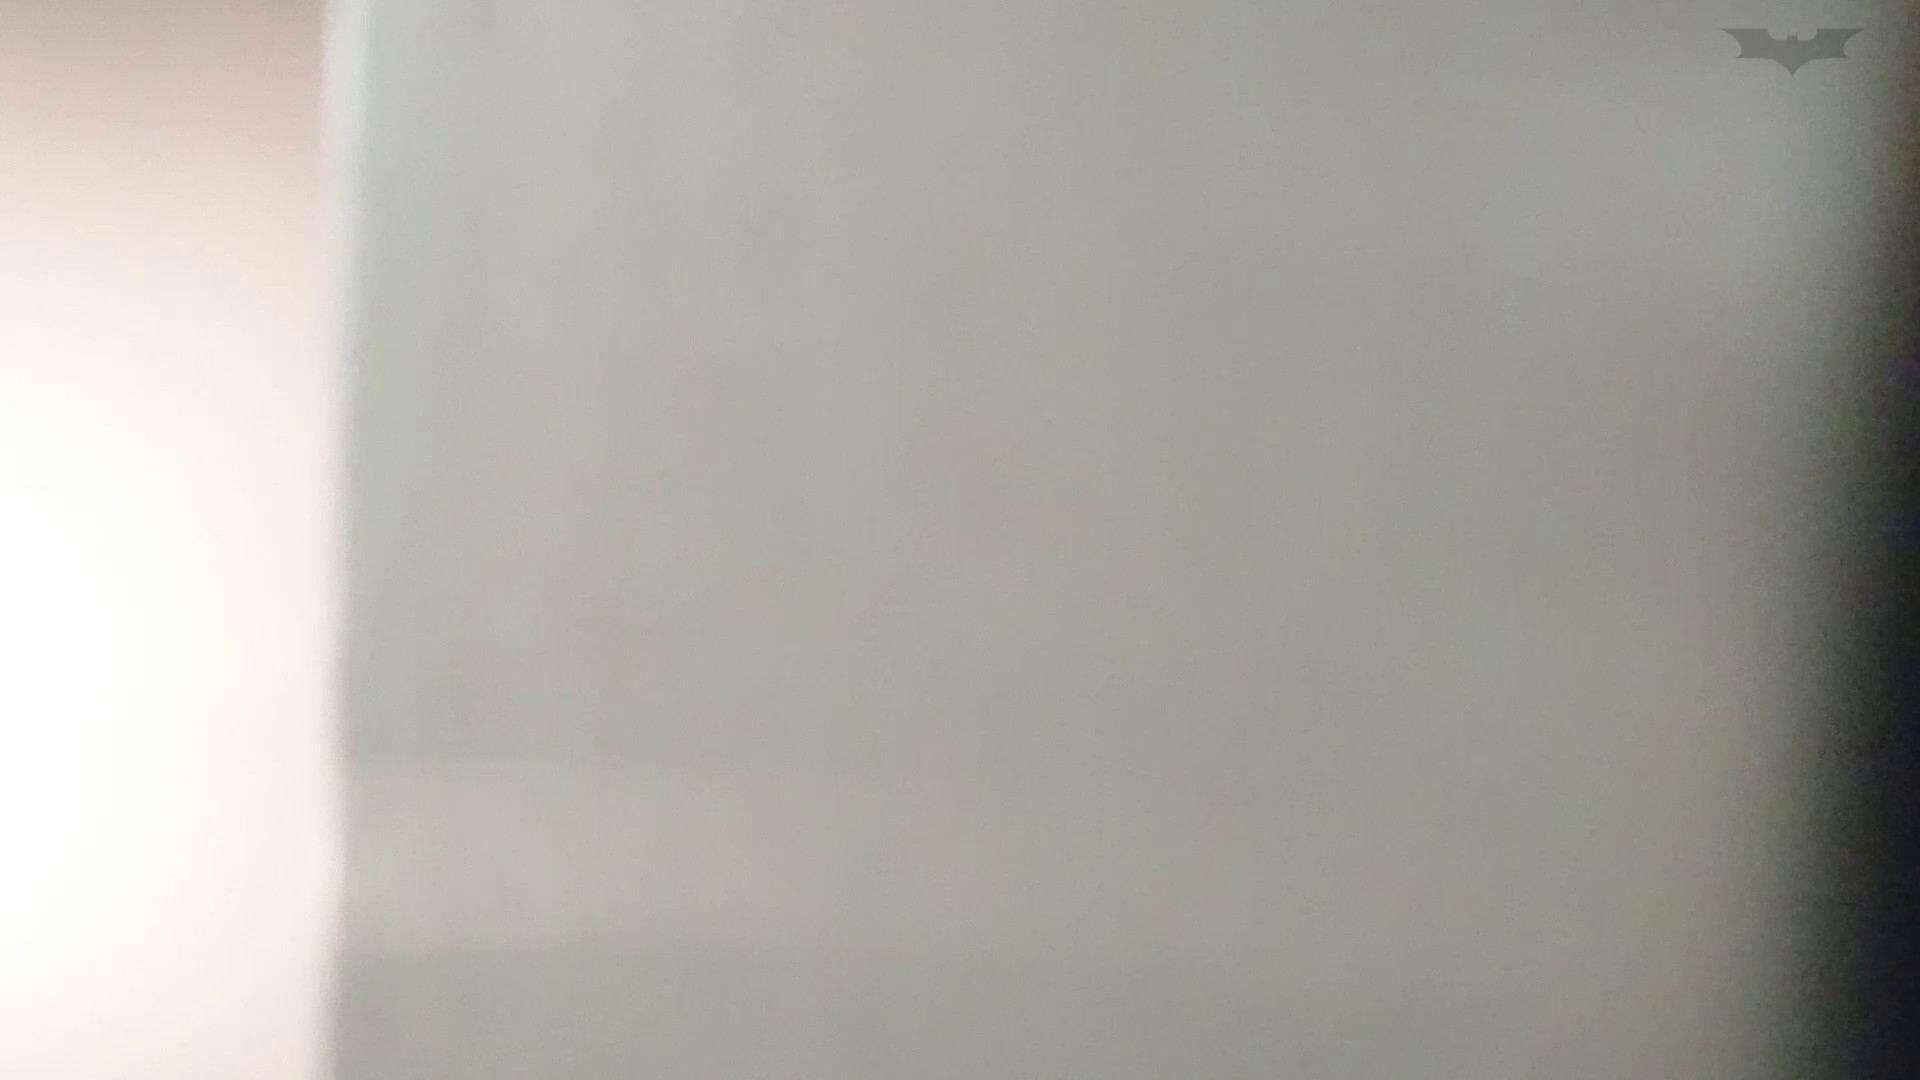 化粧室絵巻 ショッピングモール編 VOL.23 若いギャルが登場! ギャル盗撮映像 | OLのボディ  101PIX 47